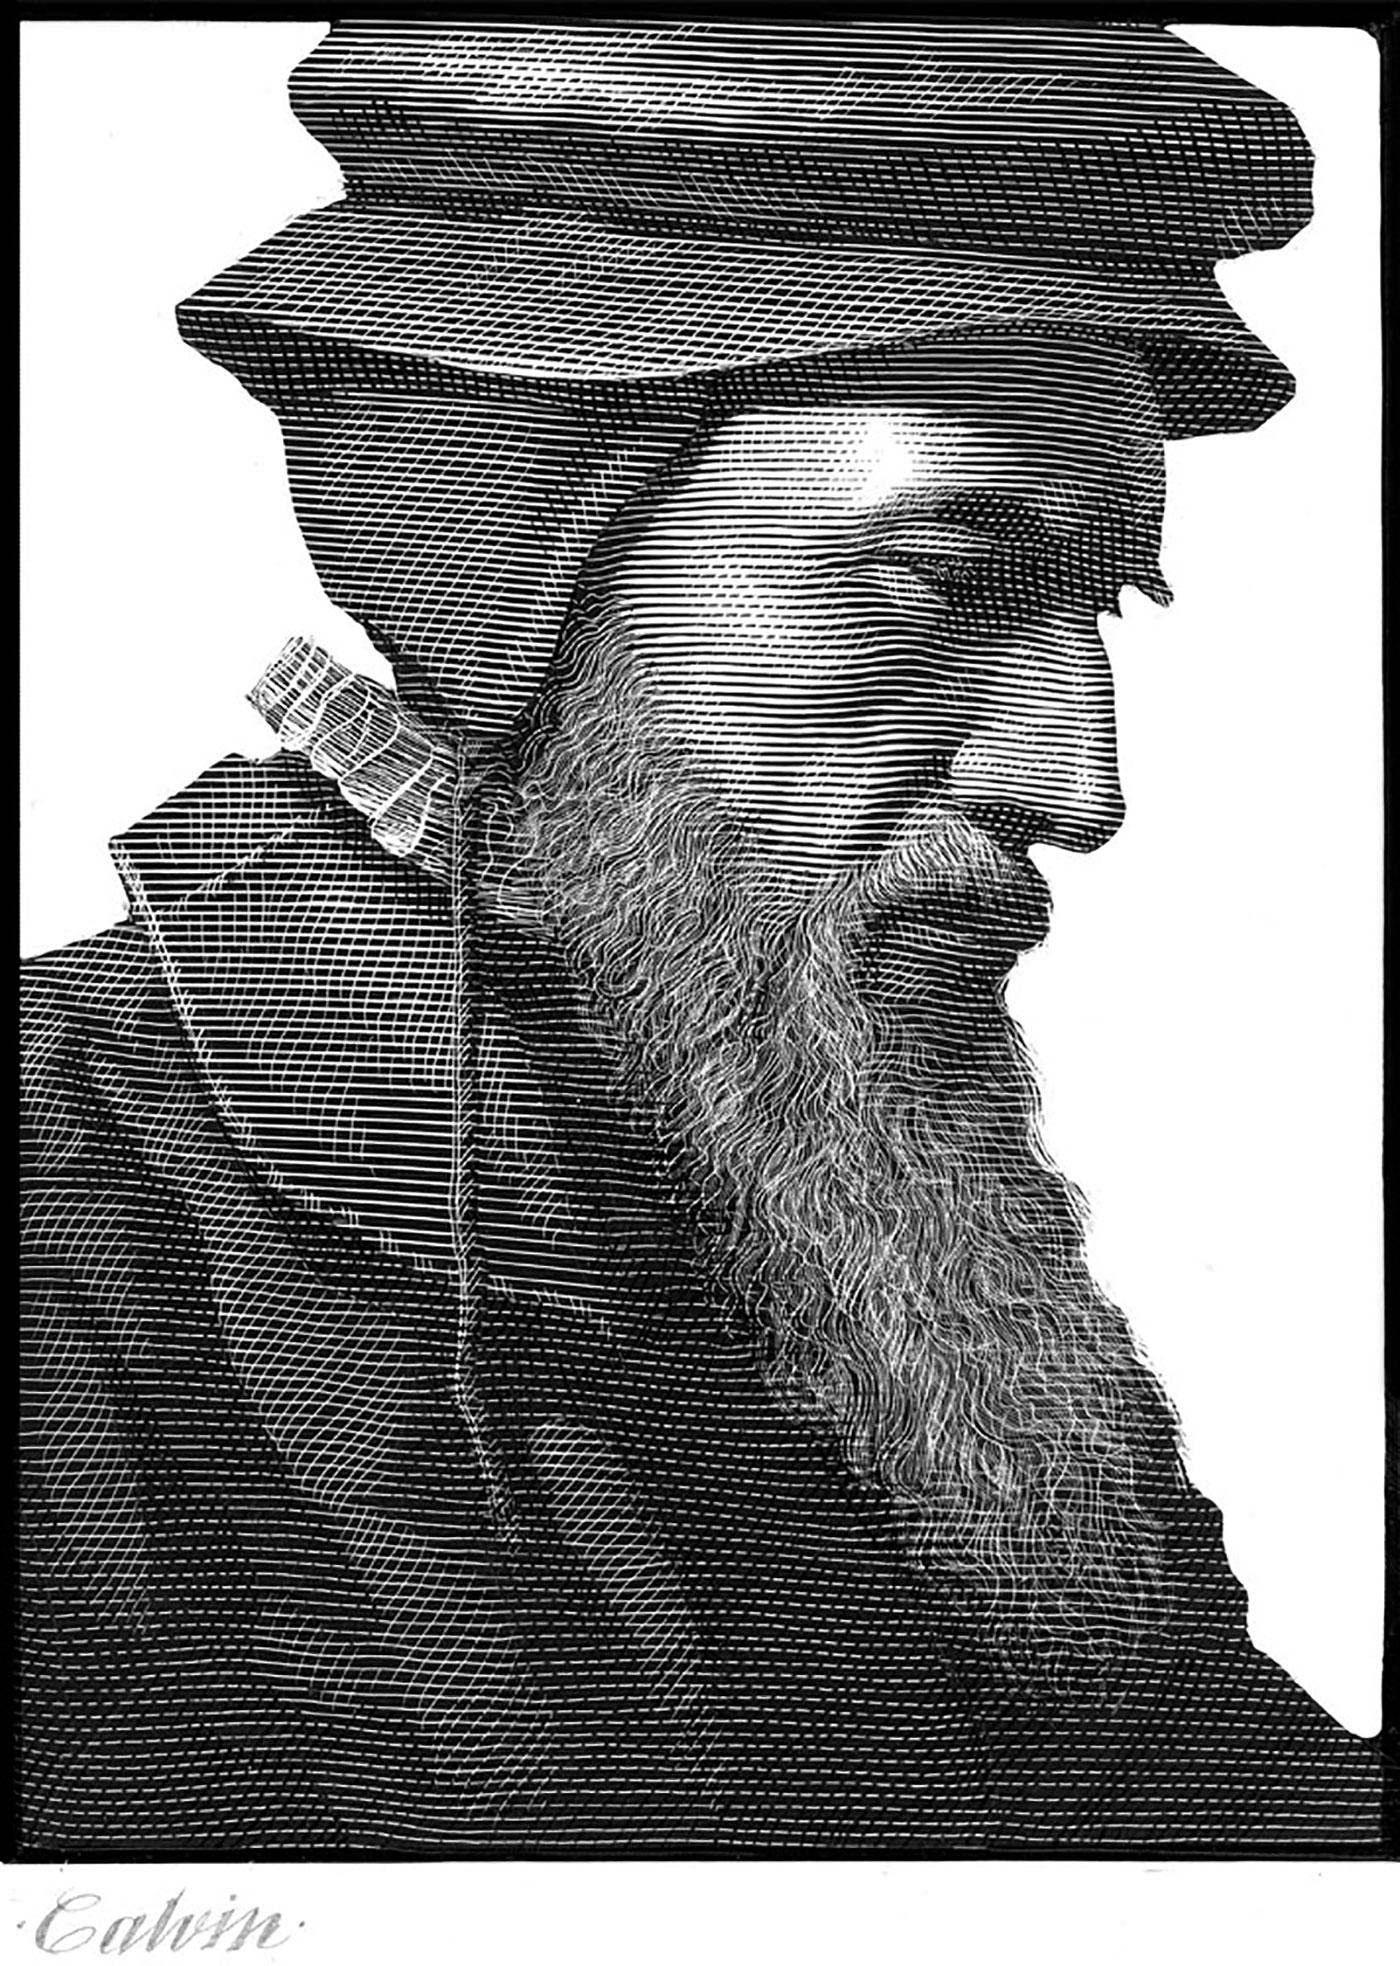 Richard Solomon - Mark-Summers-140-P-John-Calvin